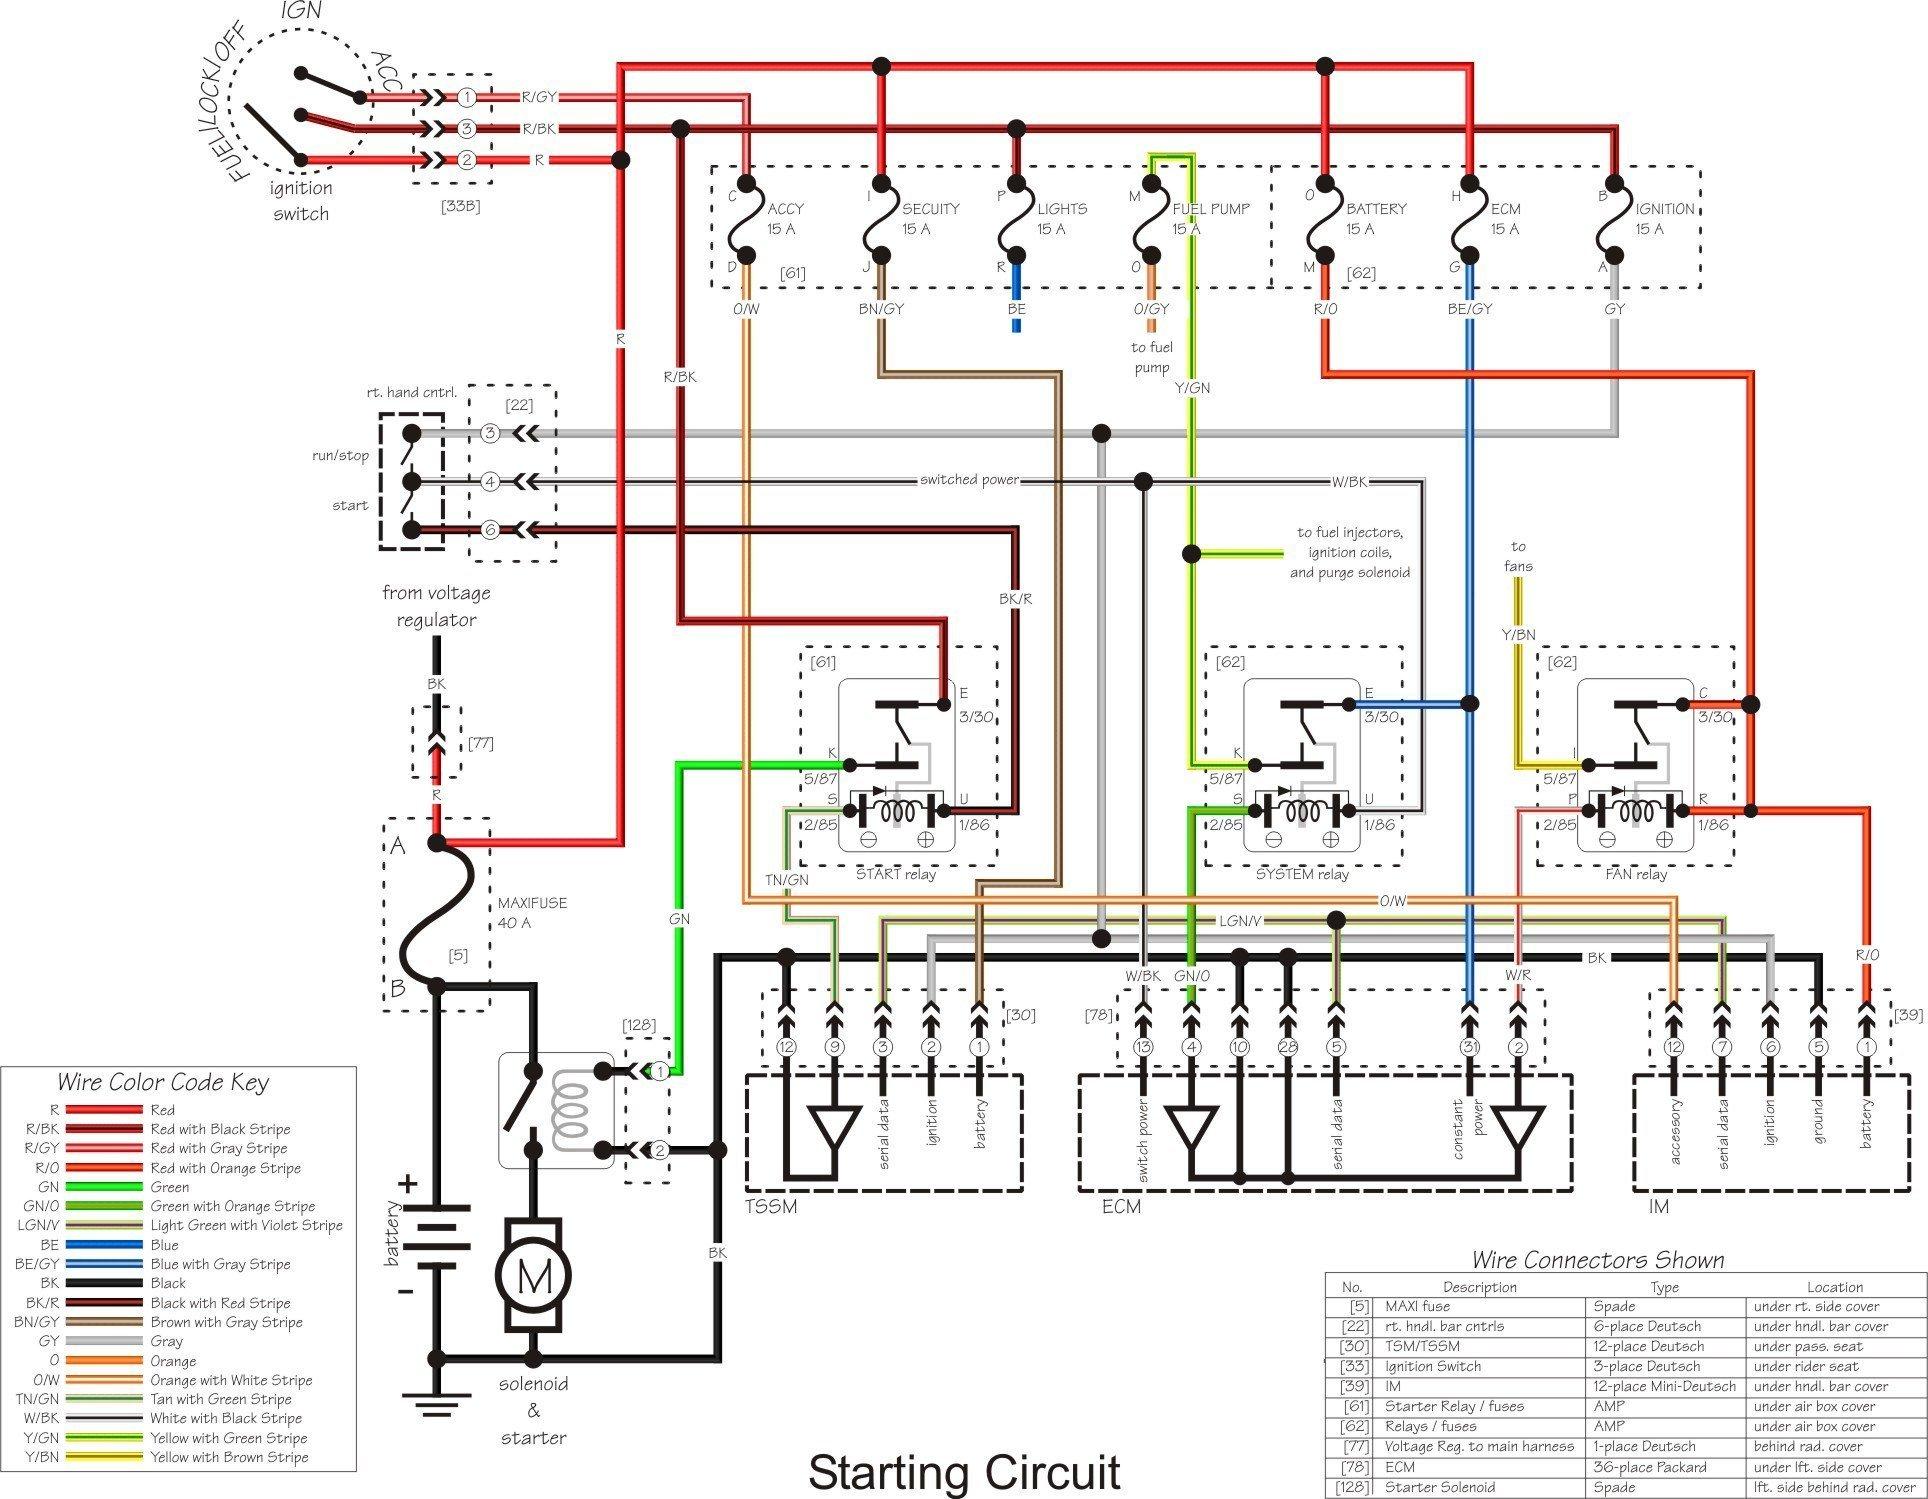 2000 yamaha r1 wiring diagram 2000 image wiring sv650 wiring diagram sv650 image wiring diagram on 2000 yamaha r1 wiring diagram